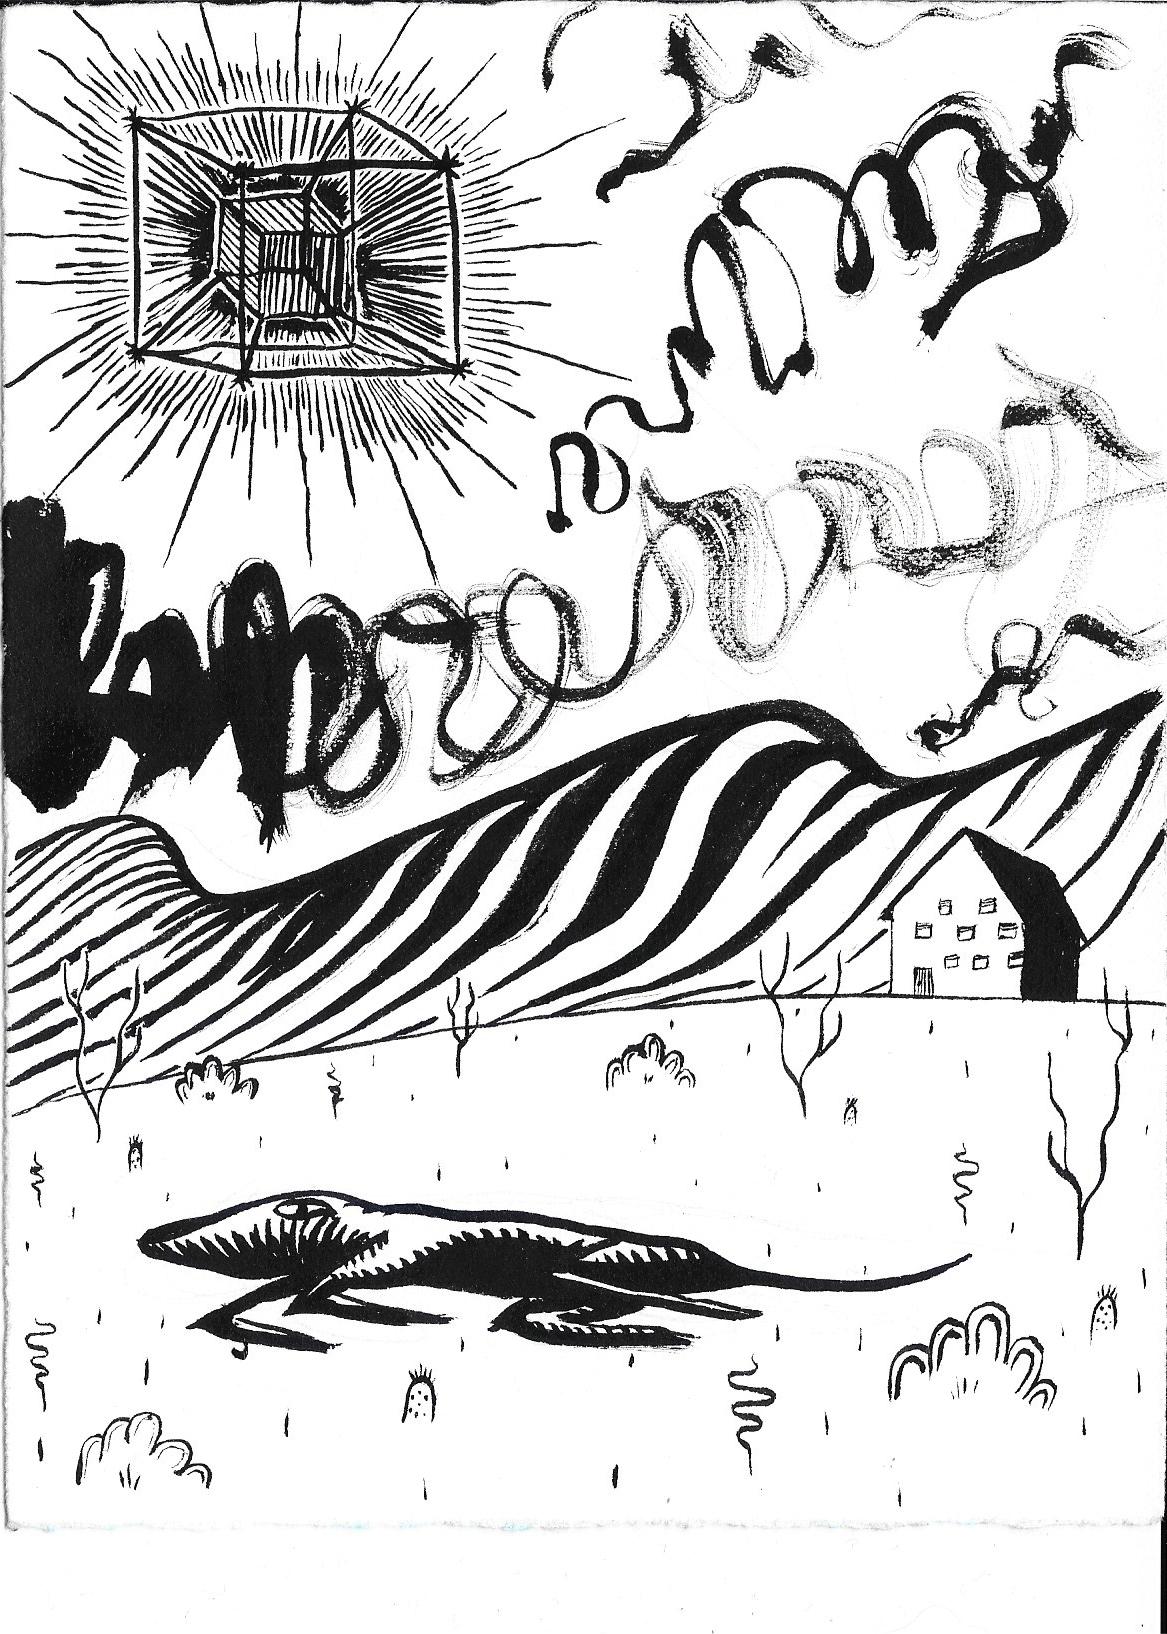 serigraphy_inkseriestif16 copy.jpg